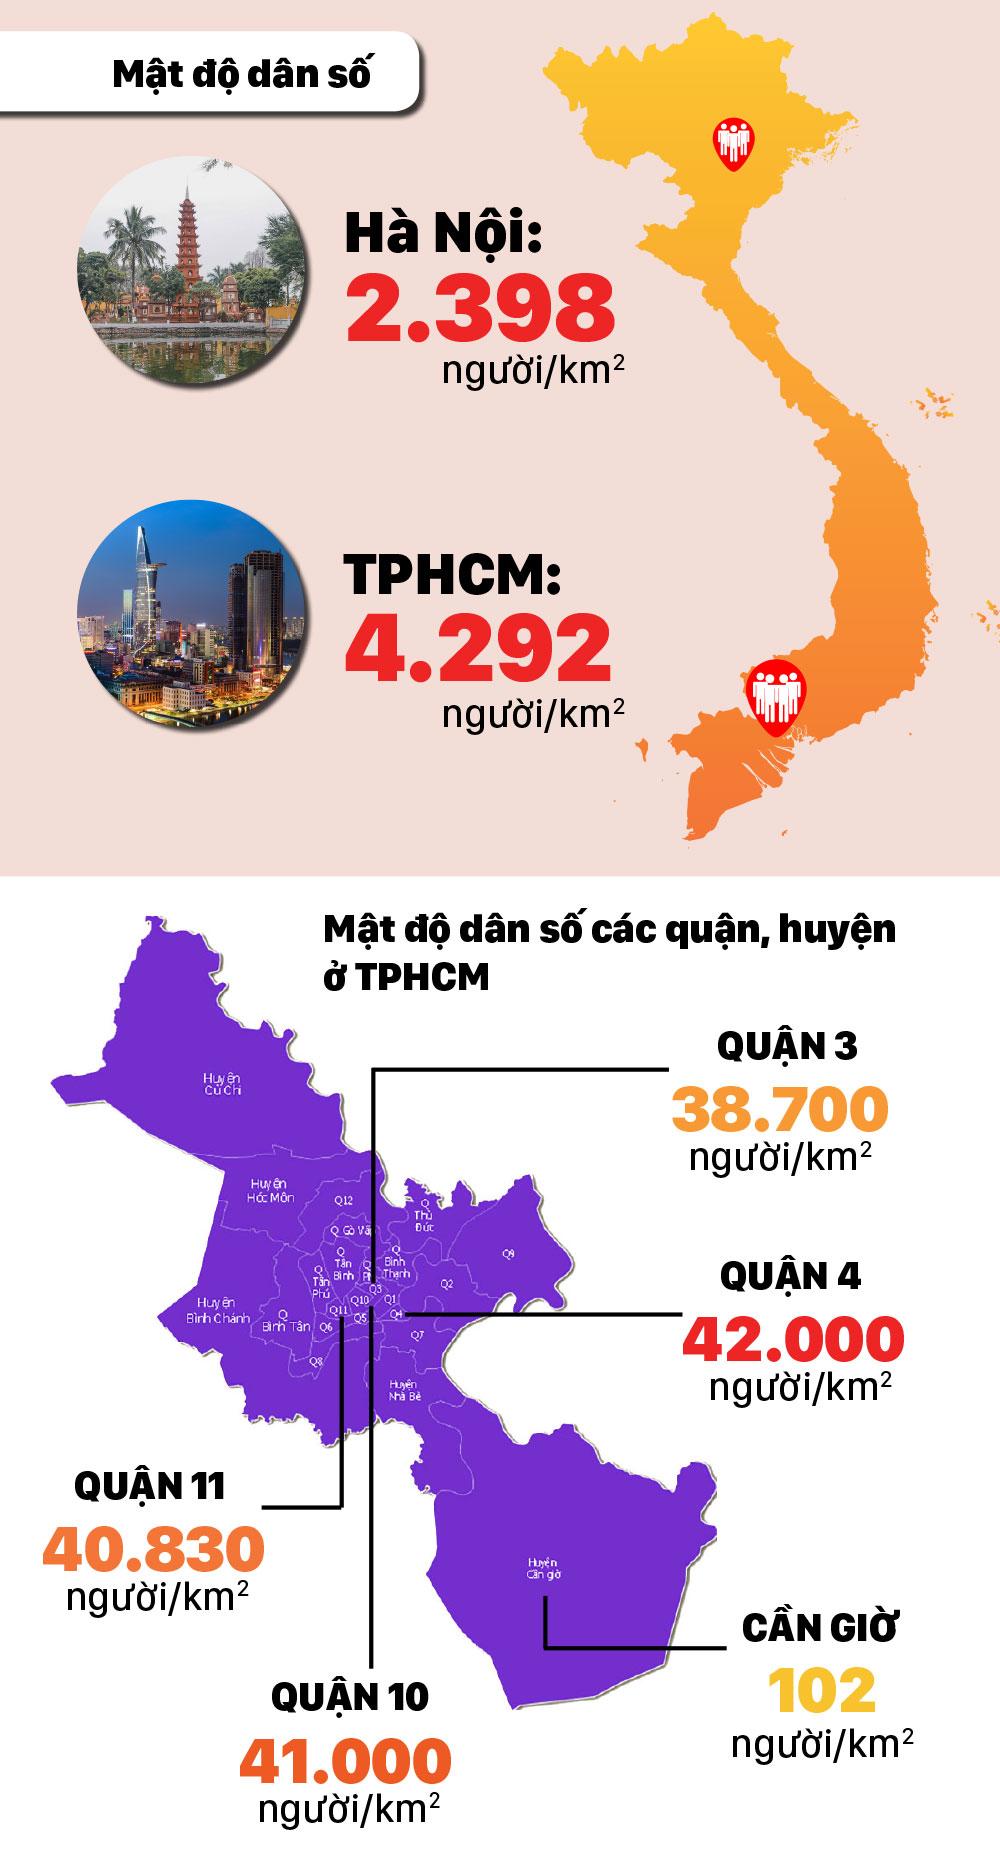 TPHCM đông dân nhất cả nước, gần 9 triệu người ảnh 3